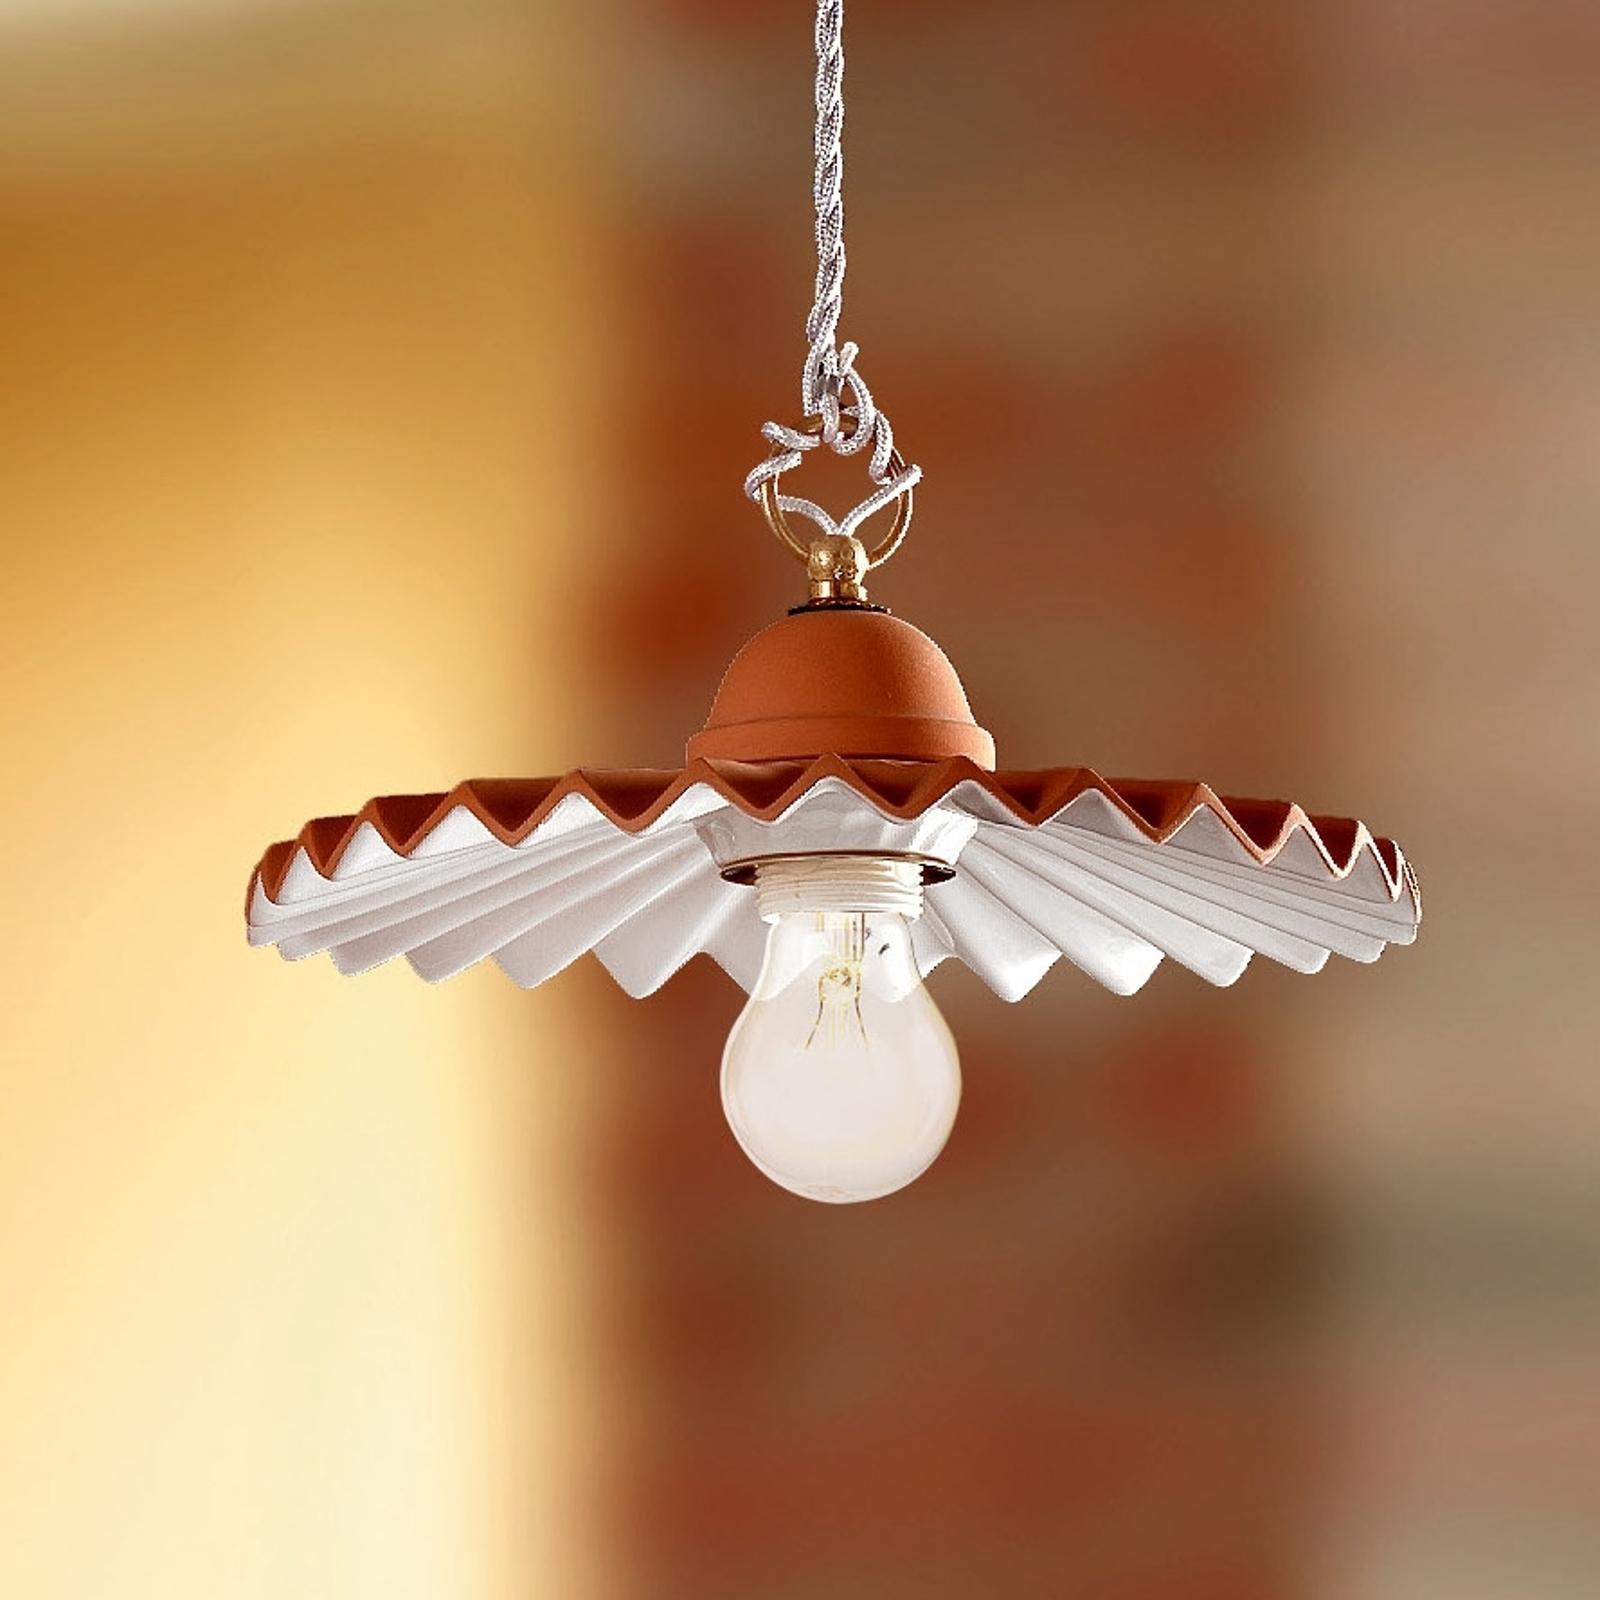 Hanglamp ARGILLA met landhuislook, 28 cm